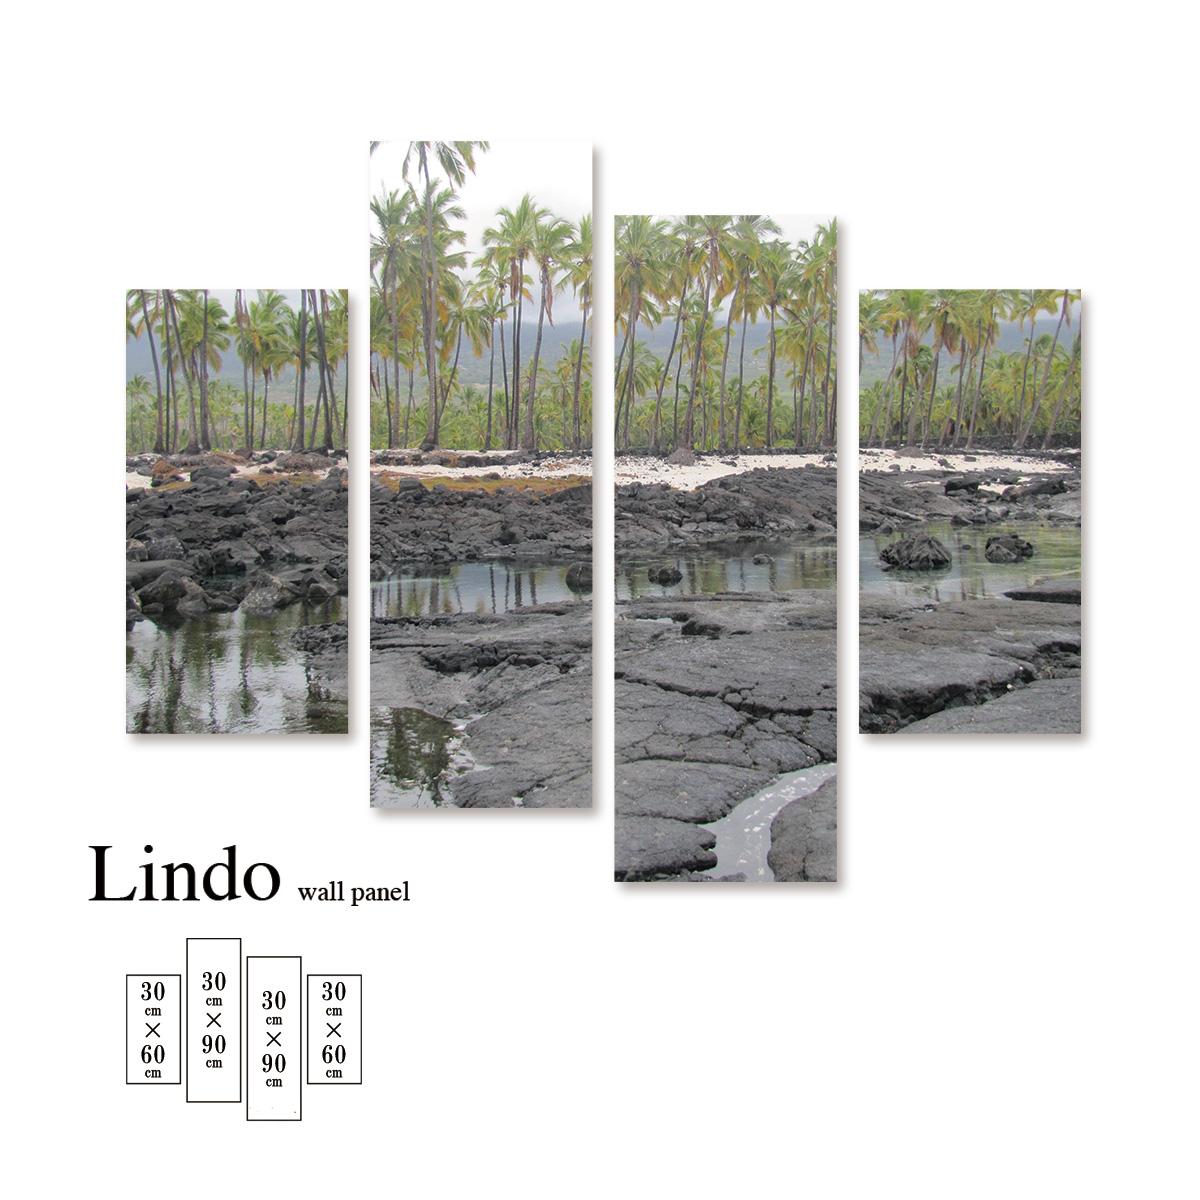 アートパネル 風景 景色 写真 自然 環境 岩 湖 壁掛け 北欧 お洒落 デザイン ファブリック 壁飾り アートボード 4枚パネル